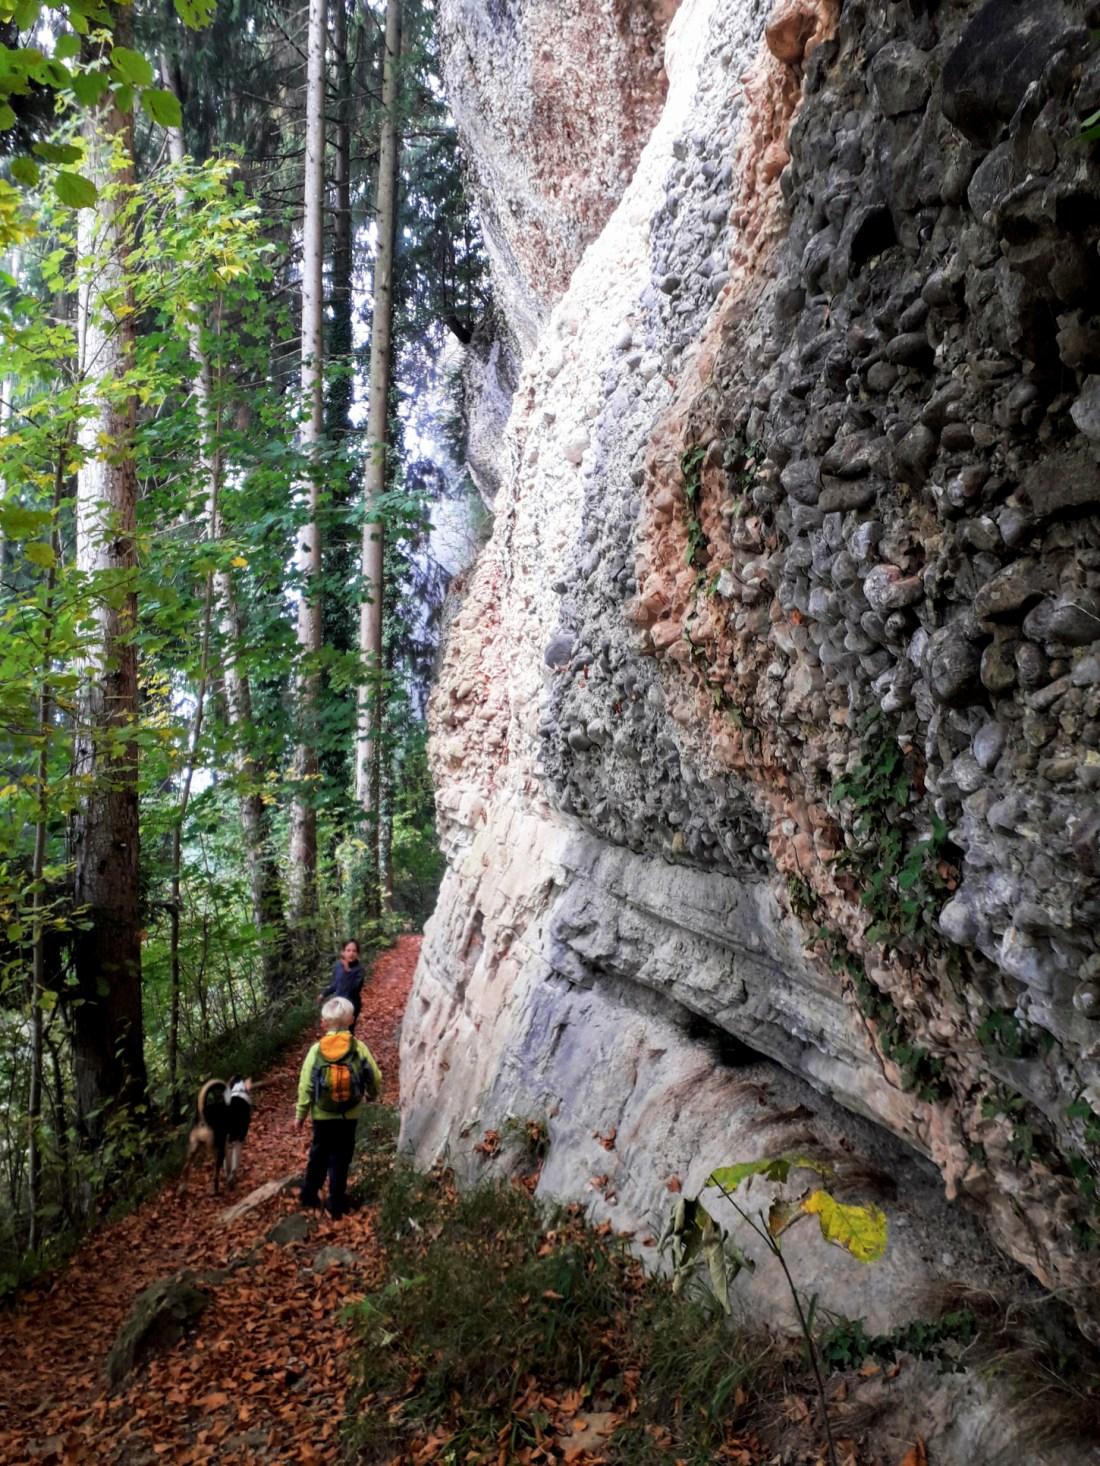 Känzeleweg, Gebhardsberg, Fluh bei Bregenz, thesunnysideofkids, wandern in vorarlberg, wandern mit kindern in vorarlberg